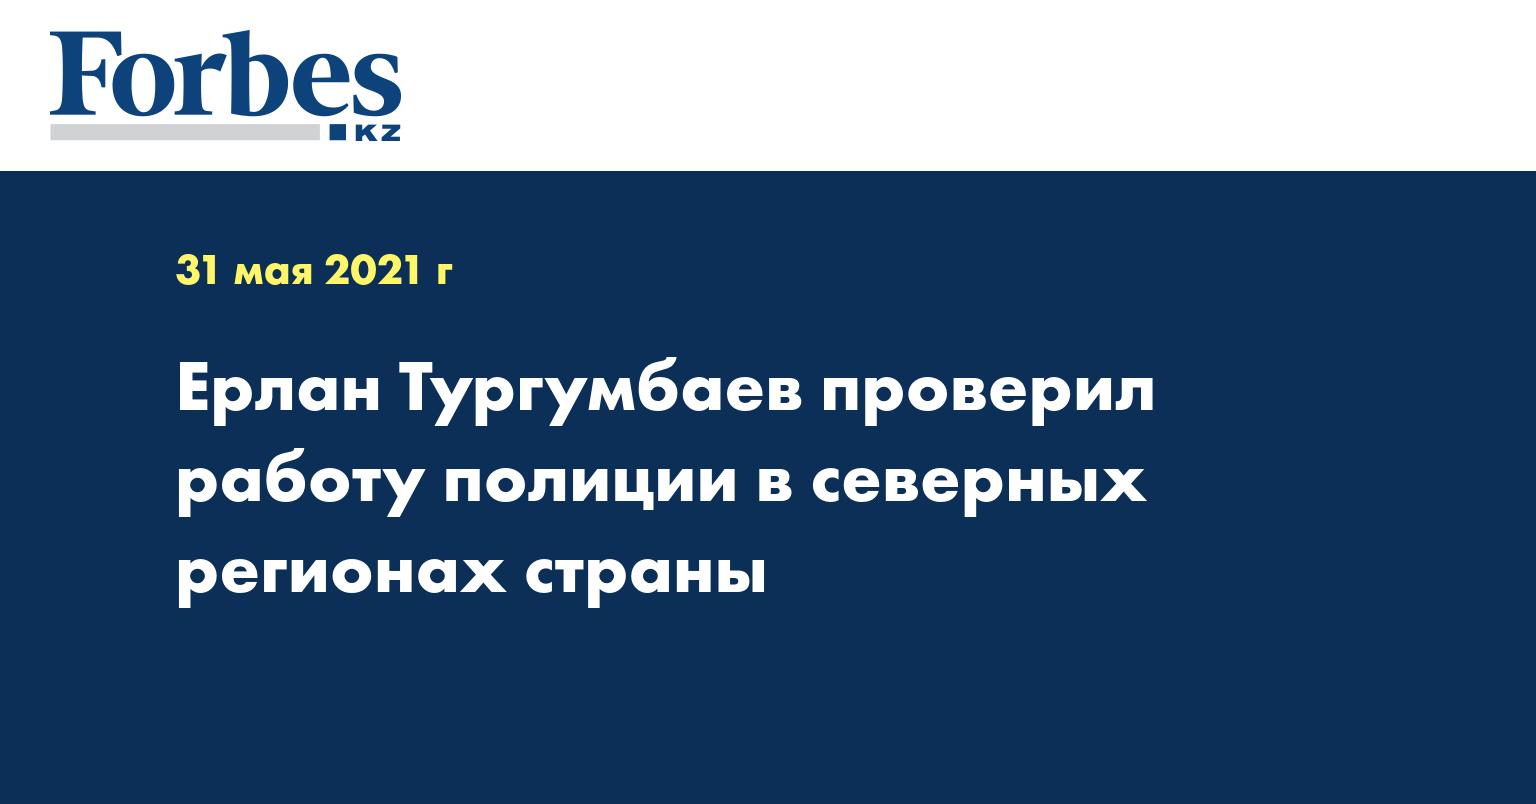 Ерлан Тургумбаев проверил работу полиции в северных регионах страны